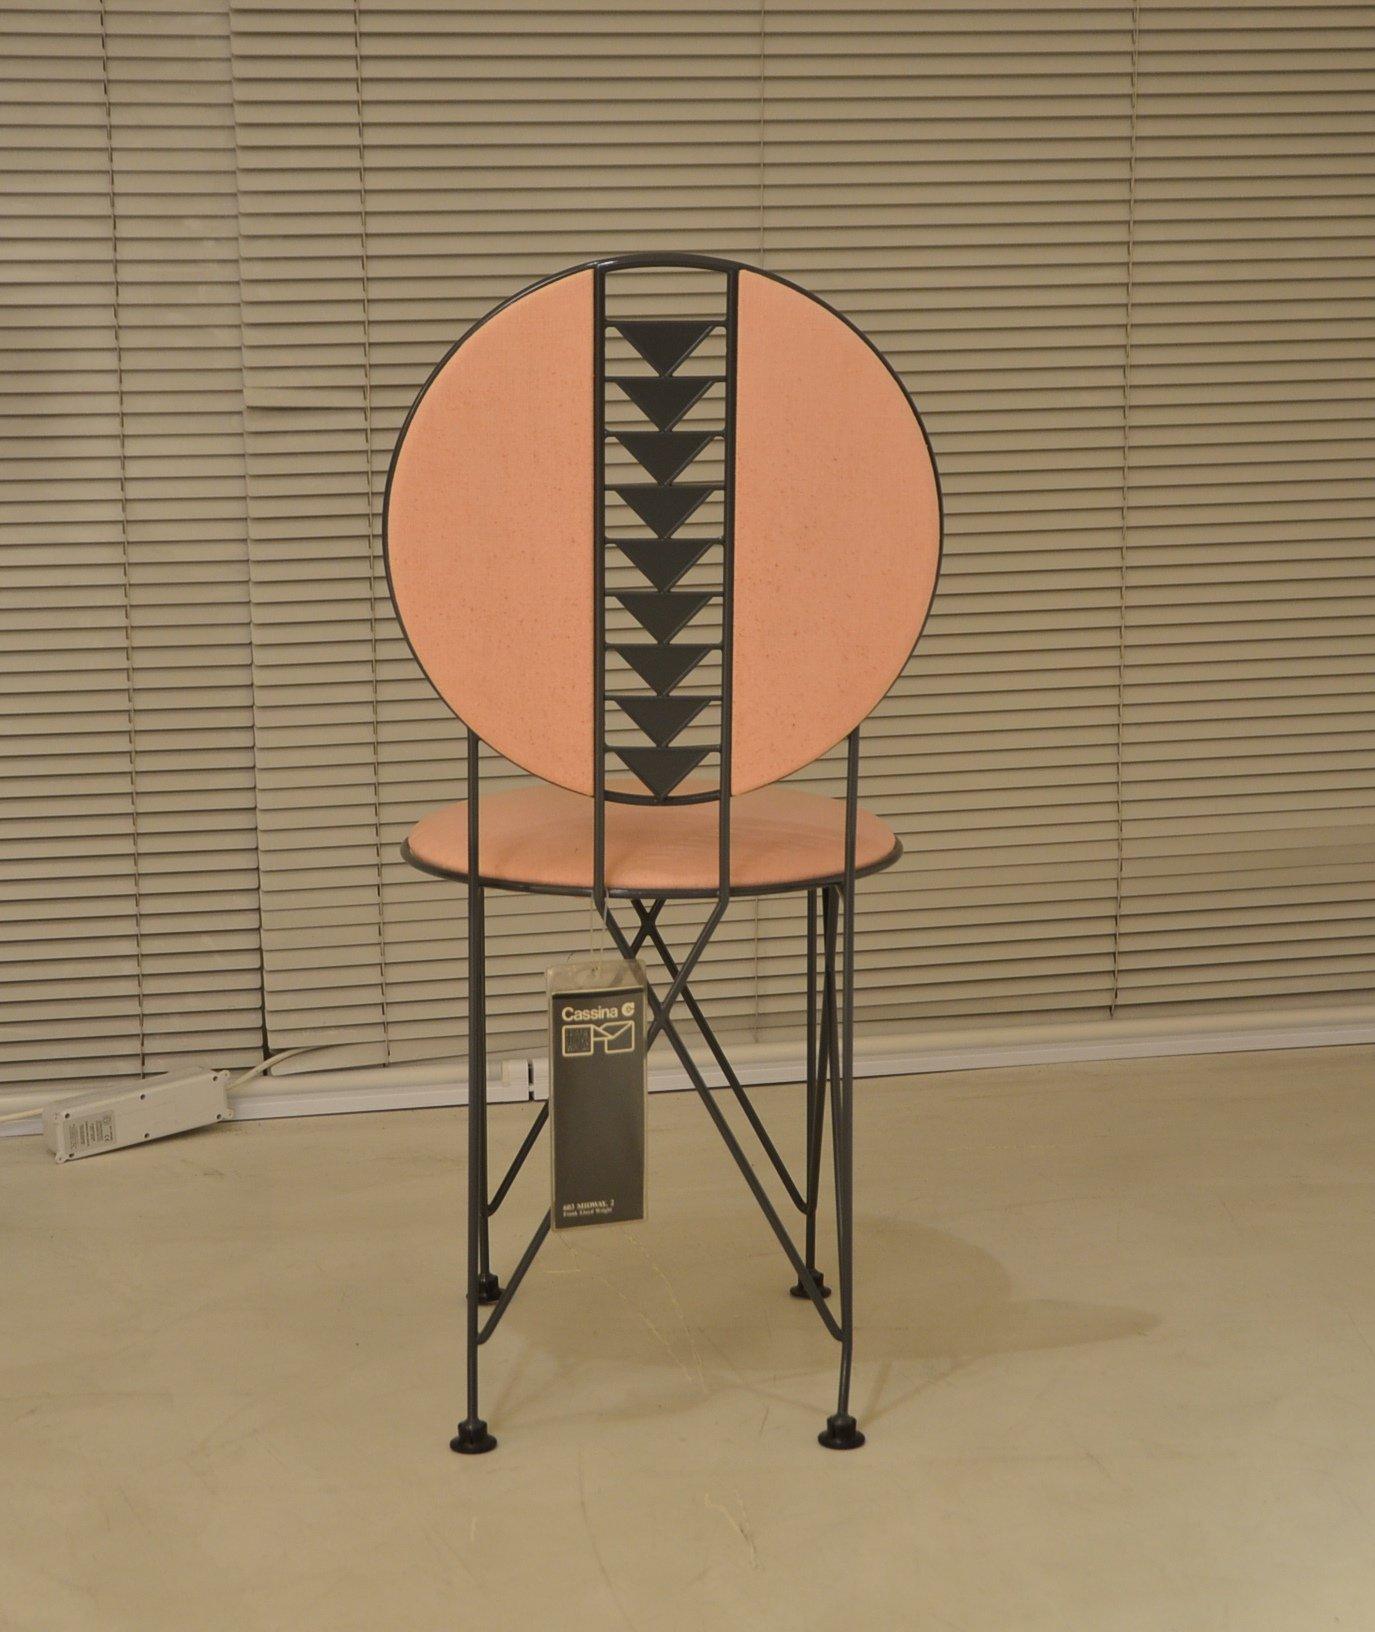 弗兰克·劳埃德·赖特(Frank Lloyd Wright)椅子Cassina Midway 2原始设计意大利制造